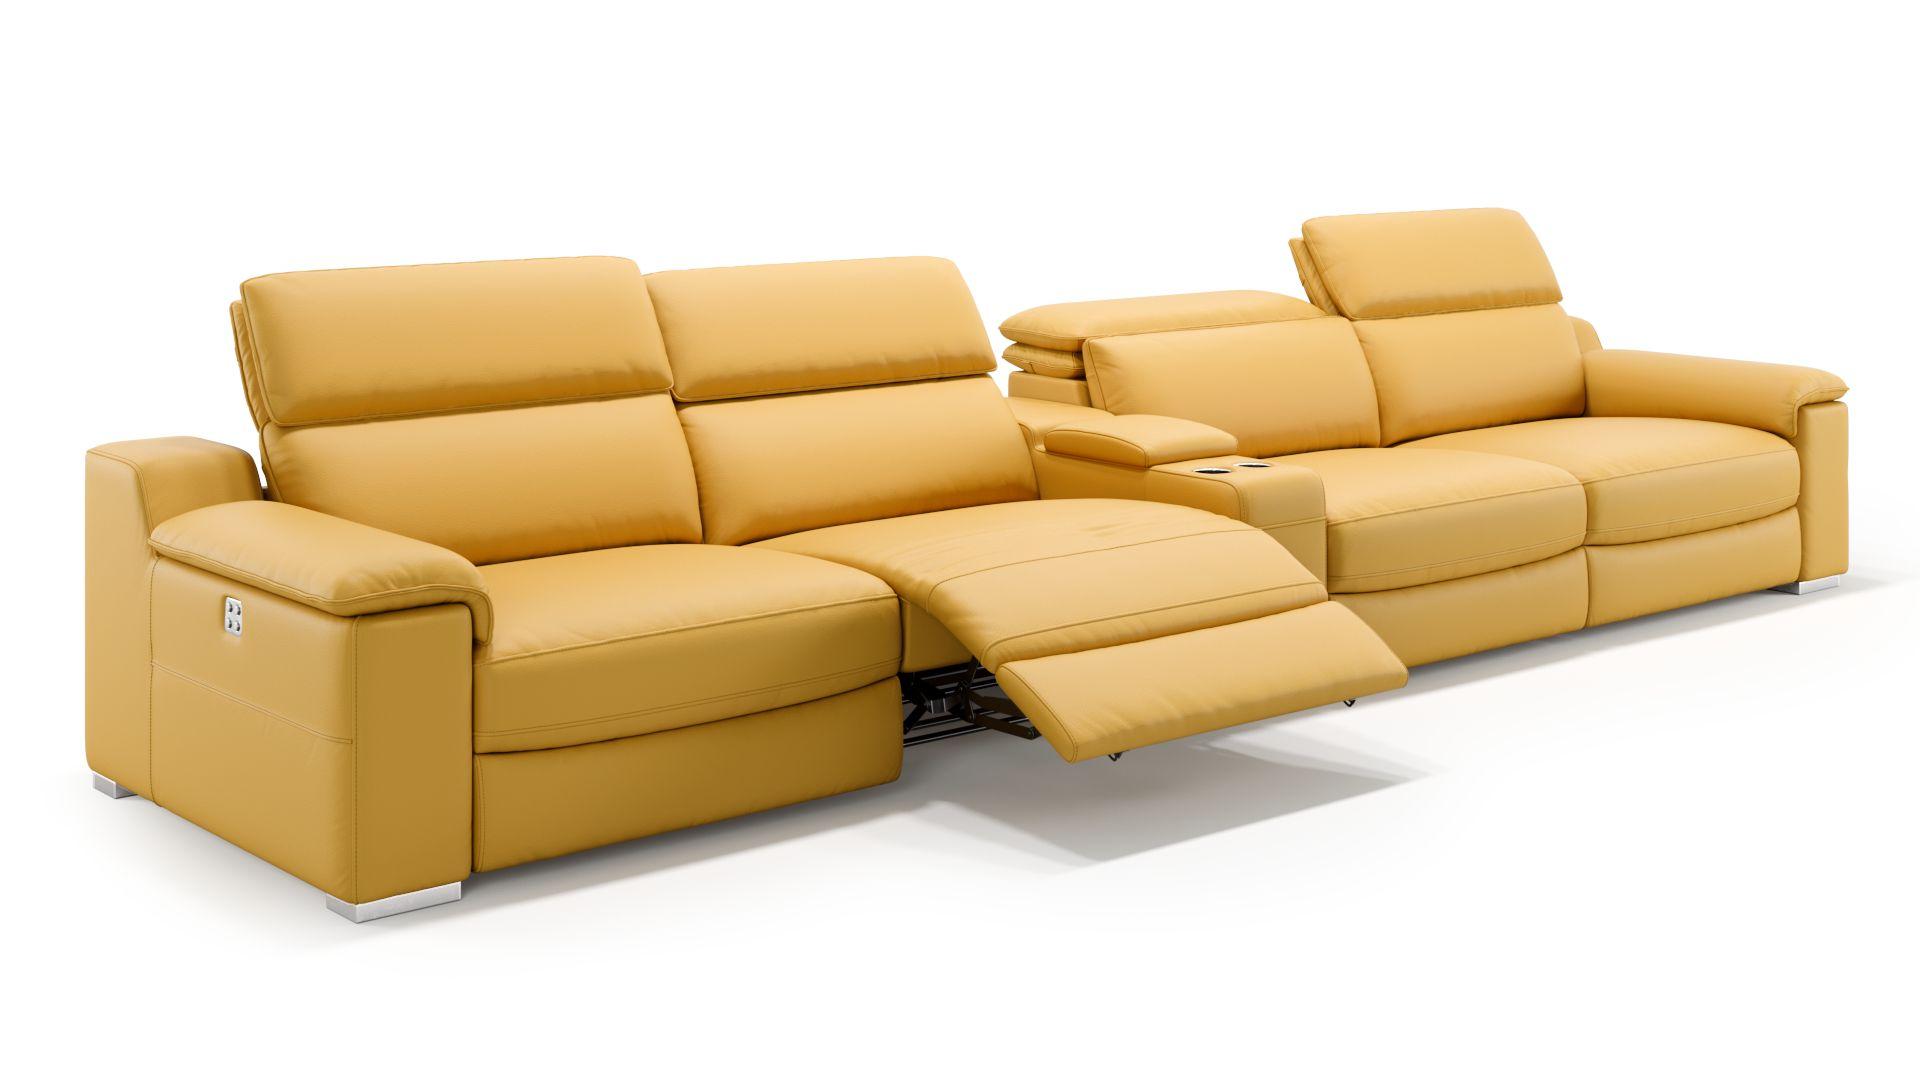 Leder 4-Sitzer Kinosofa mit einer Mittelkonsole MACELLO